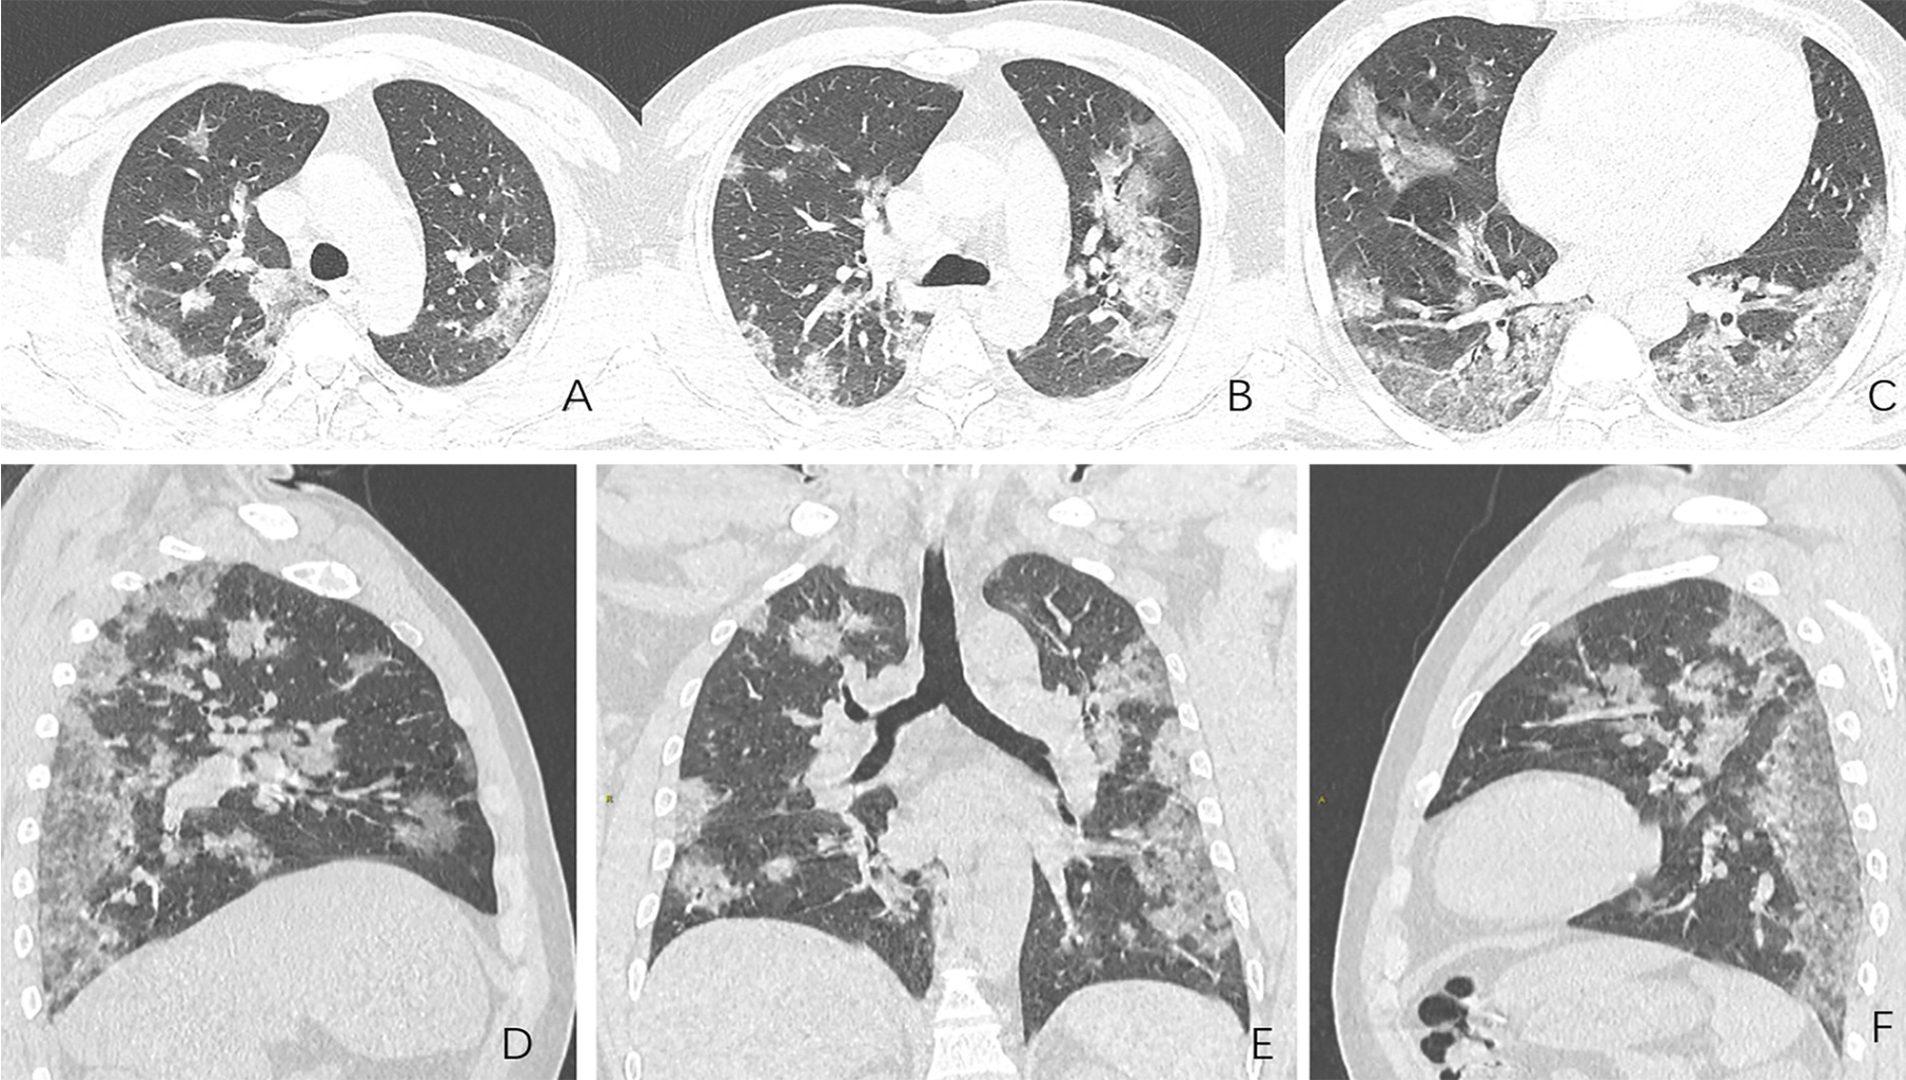 Imágenes de un hombre de 44 años que presenta fiebre y sospecha de neumonía COVID-19